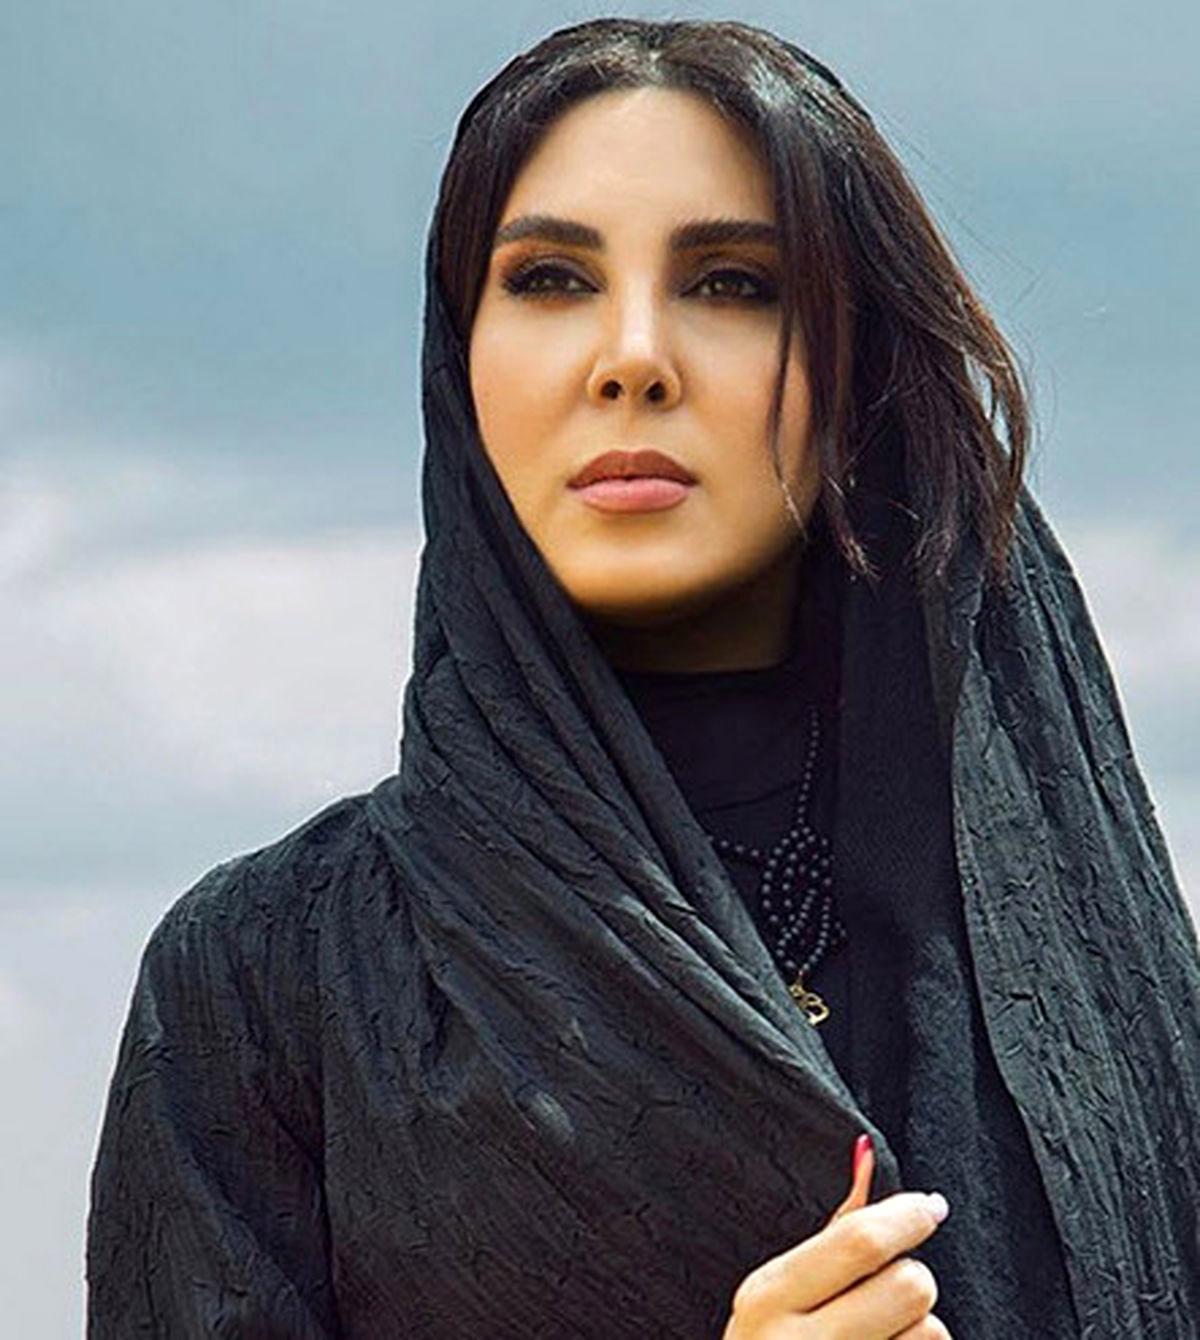 لیلا بلوکات ماجرای ممنوع الکاری و عکس جنجالی + عکس و بیوگرافی